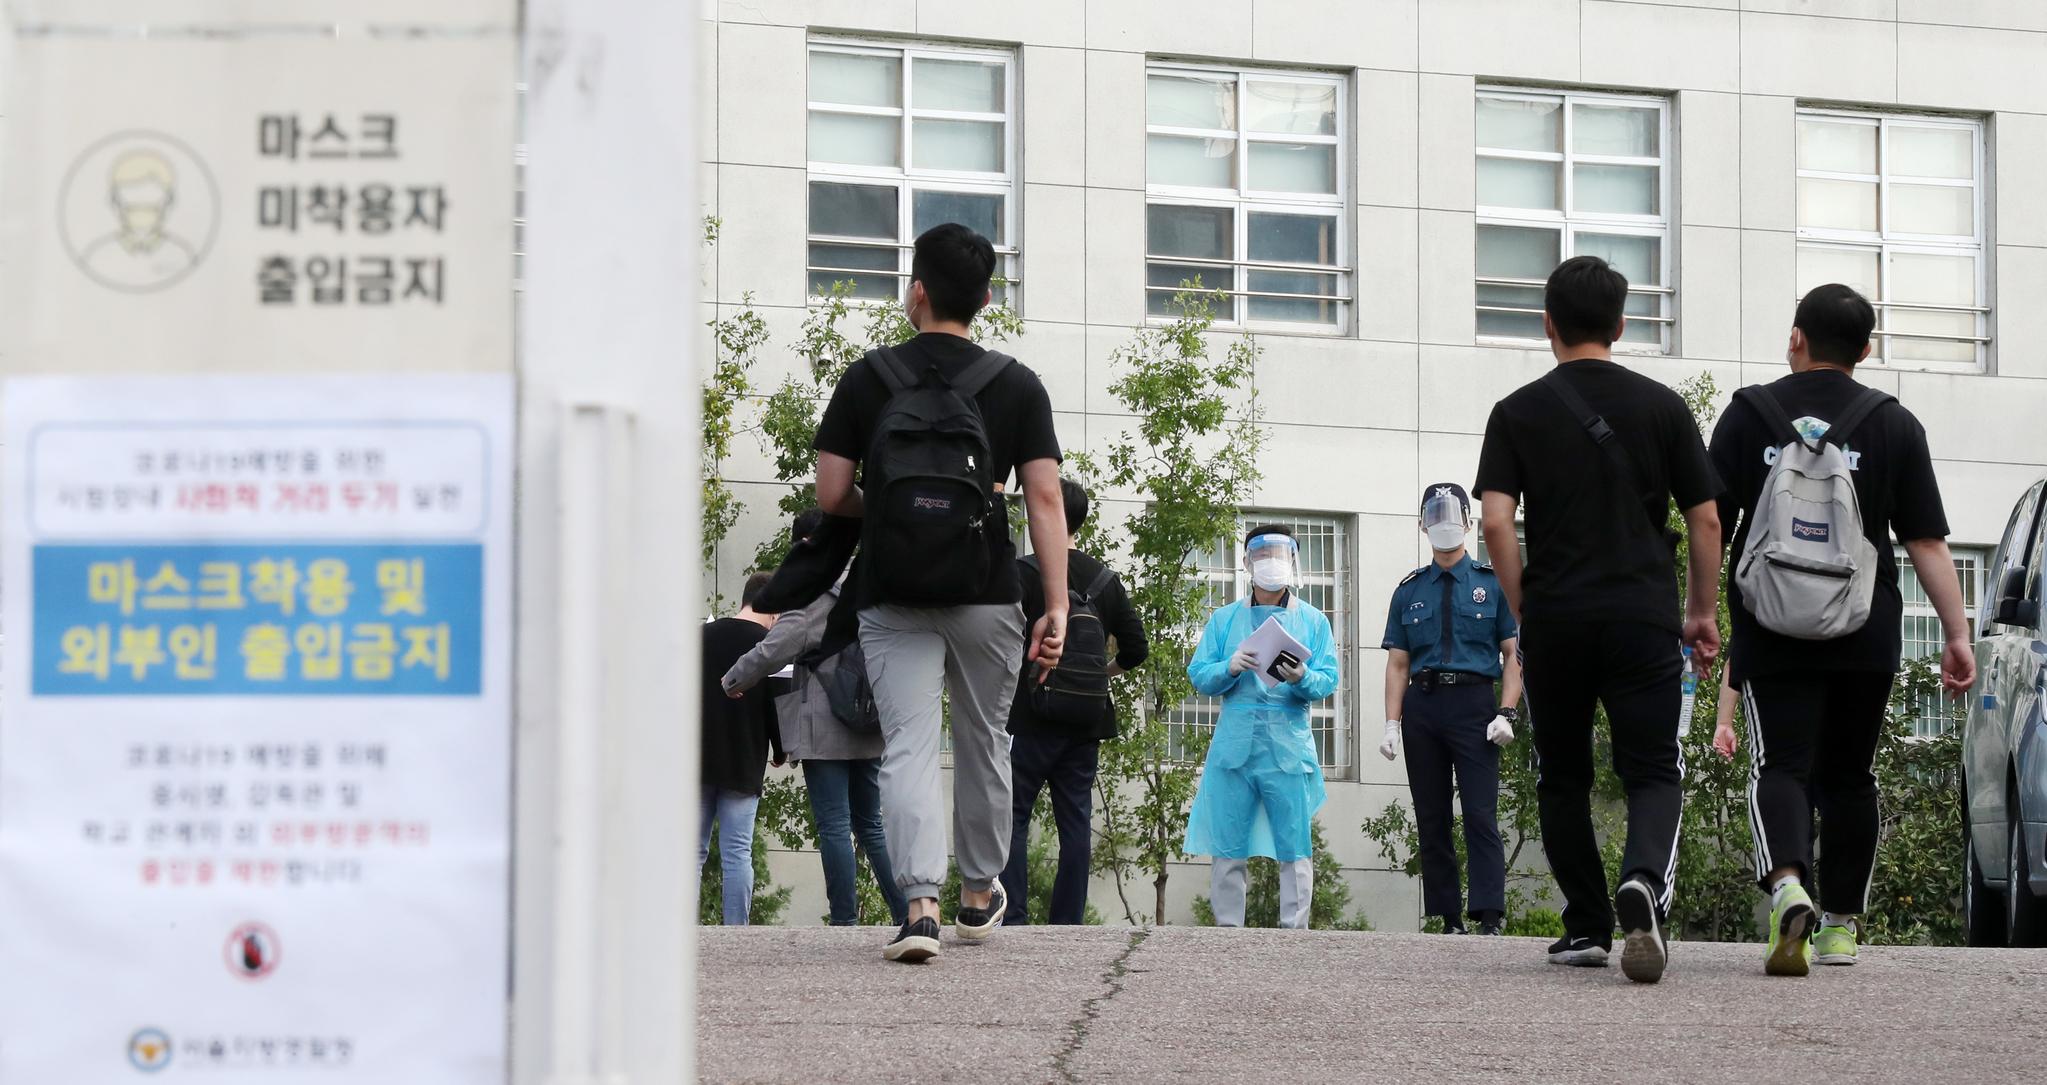 순경공채 필기시험이 치러진 19일 오전 서울 중구 한양공업고등학교에서 응시생들이 시험장으로 향하고 있다. 뉴스1